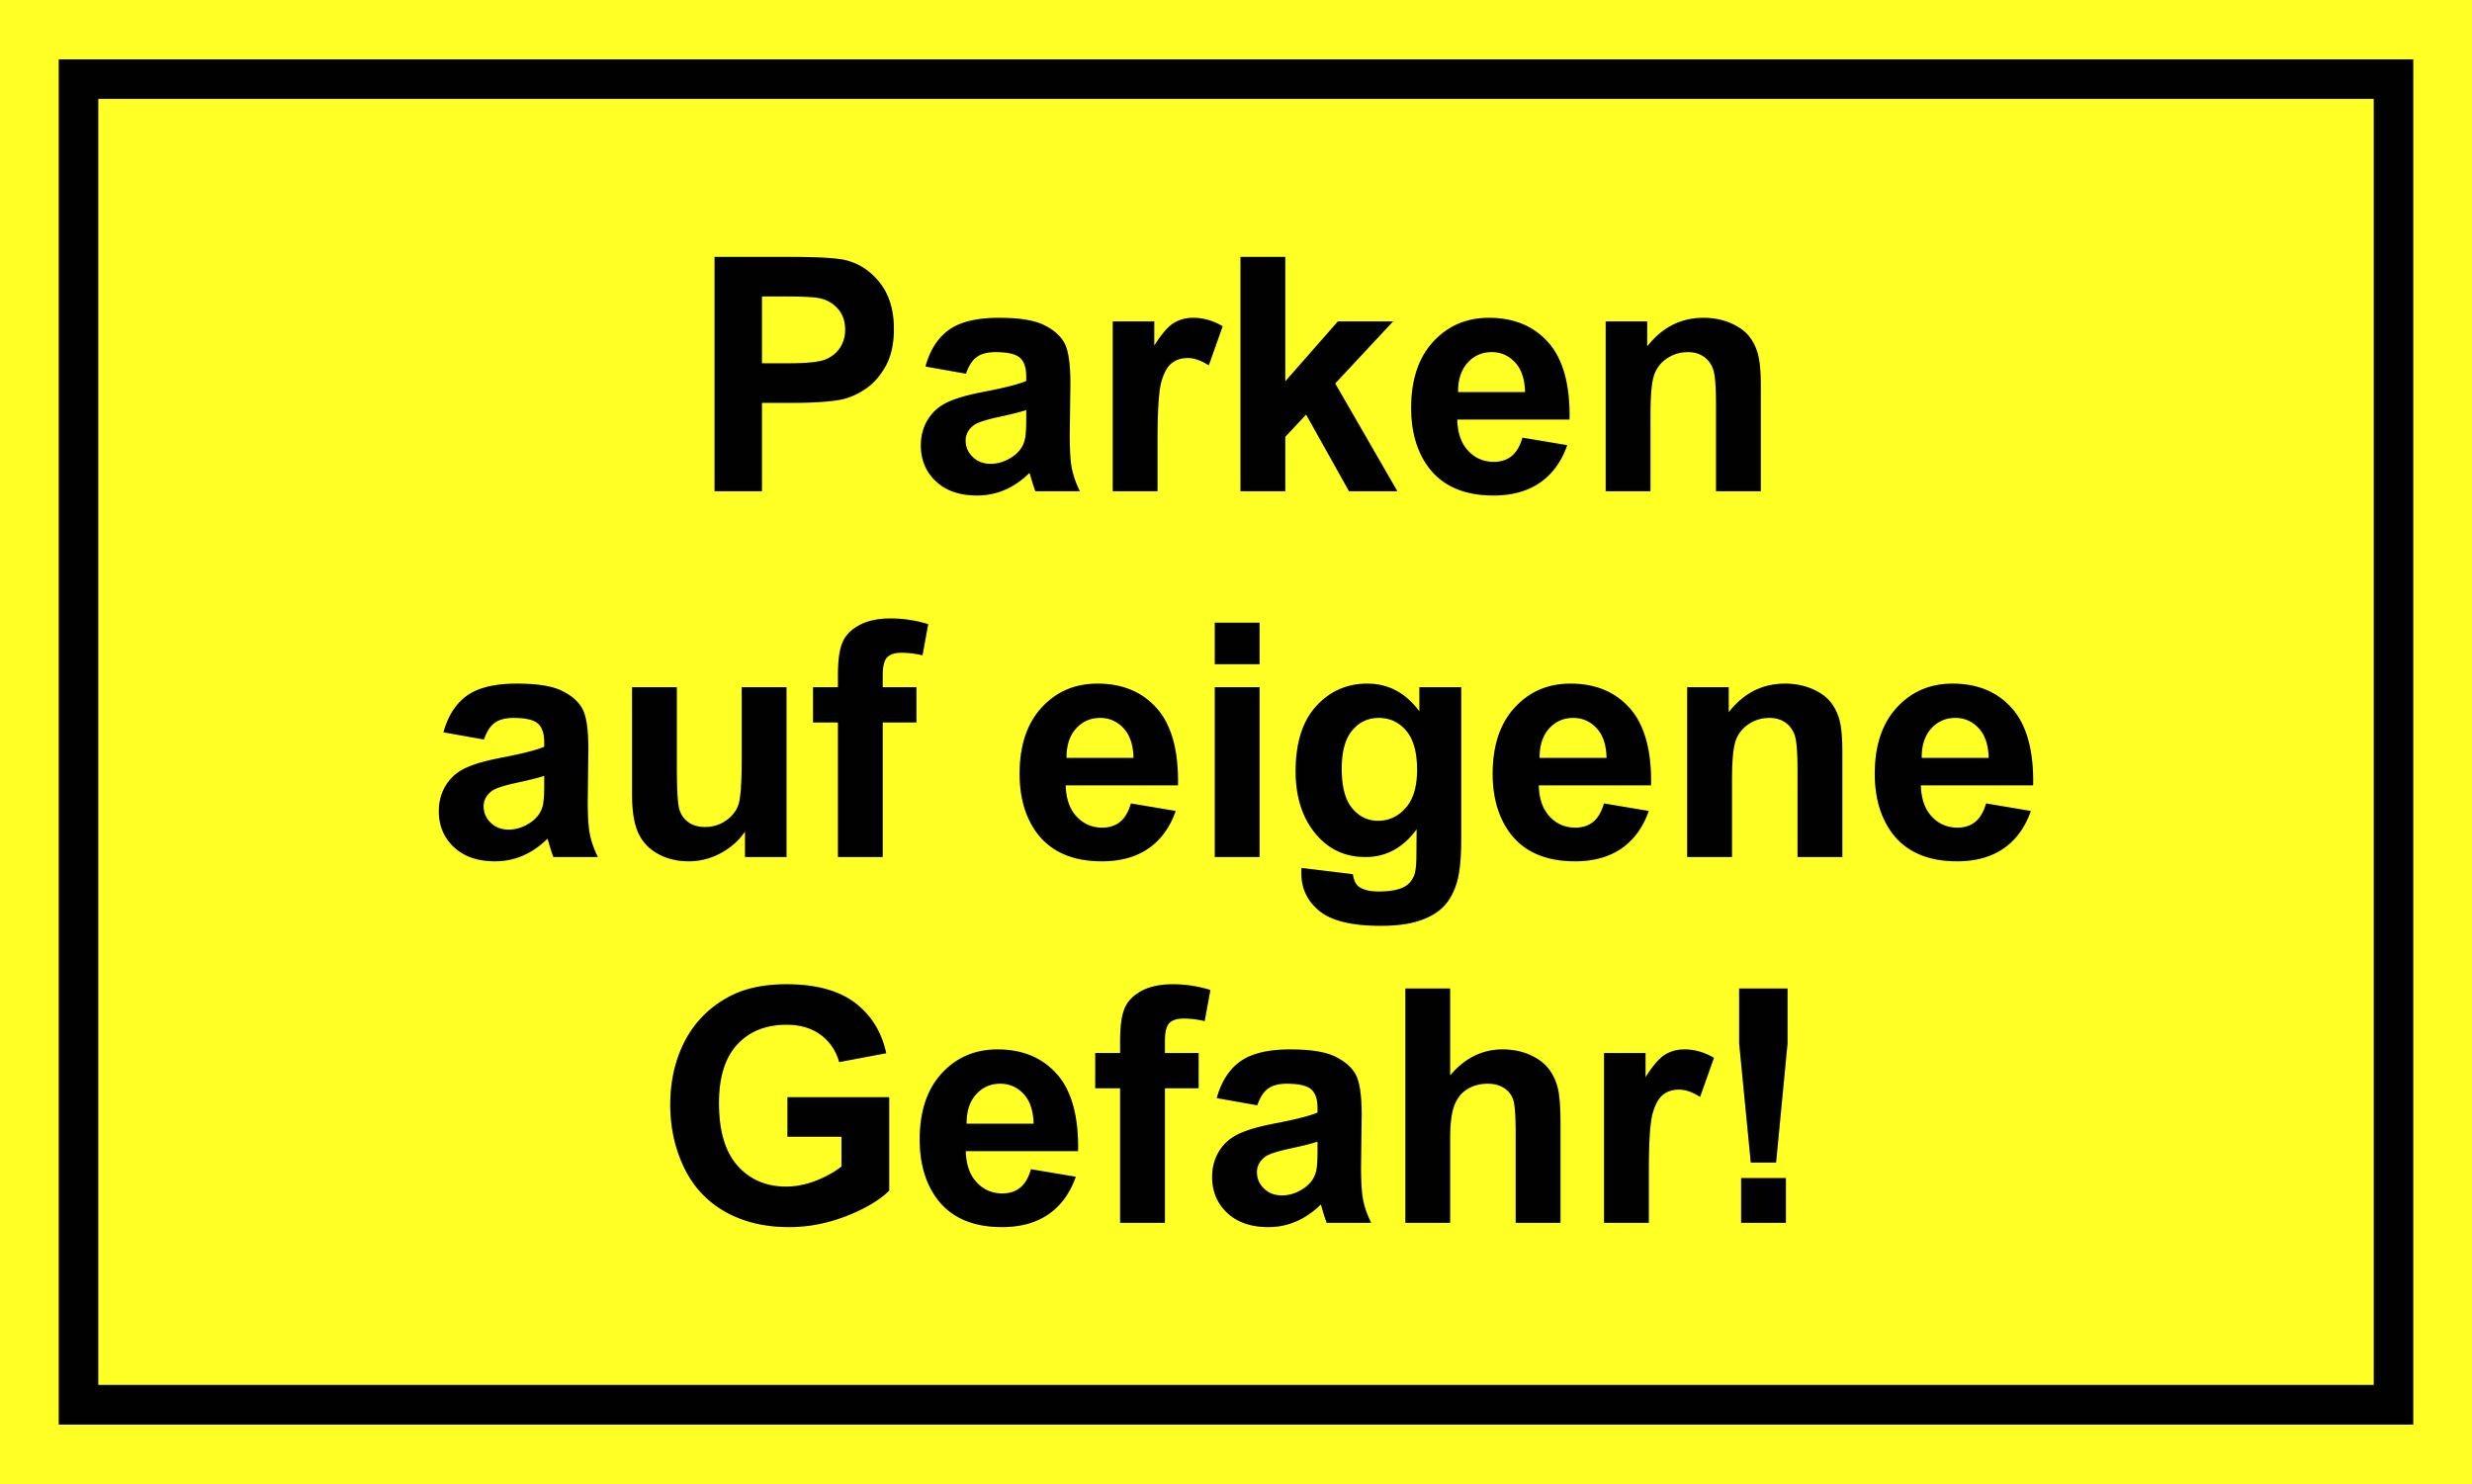 Parken auf eigene Gefahr! 150 x 250 mm Warn- Hinweis- und Verbotsschild PST-Kunststoff – Bild 1